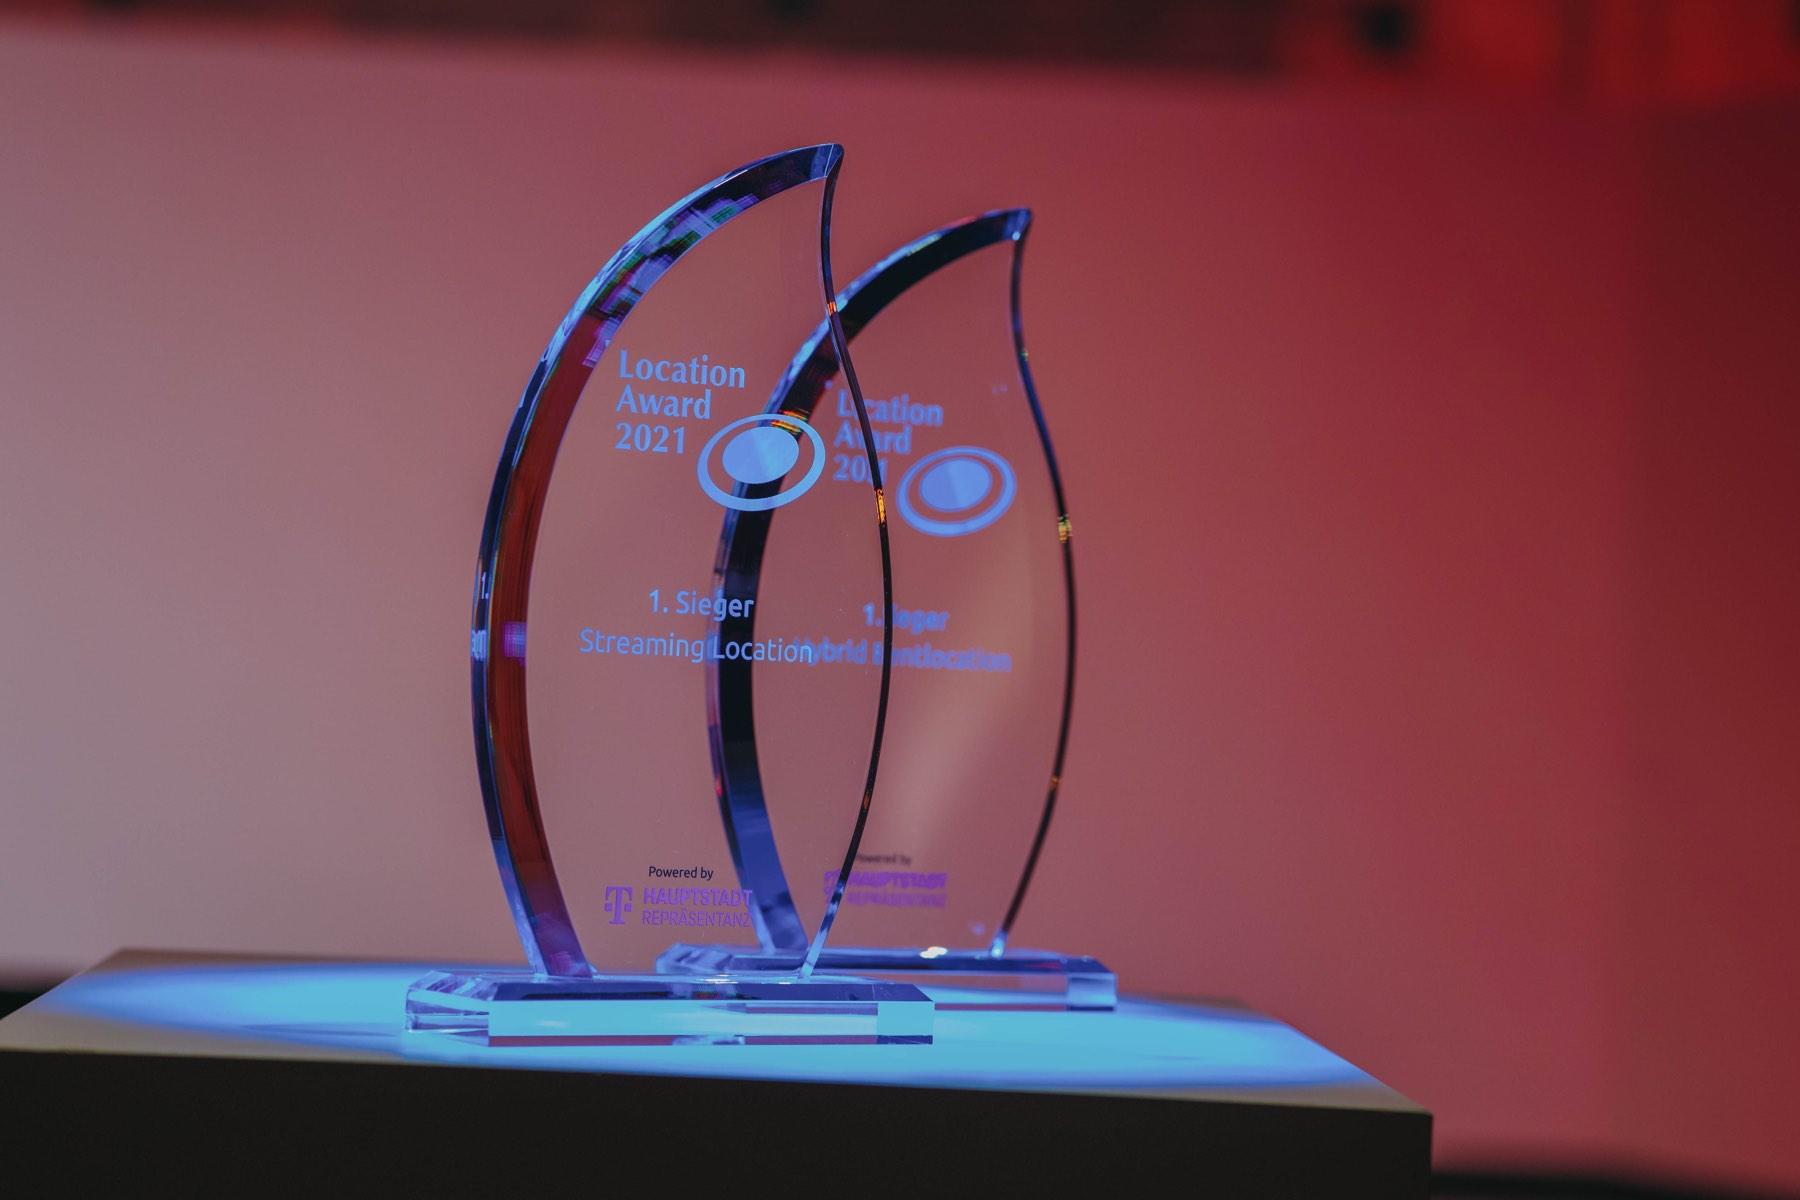 Location Award